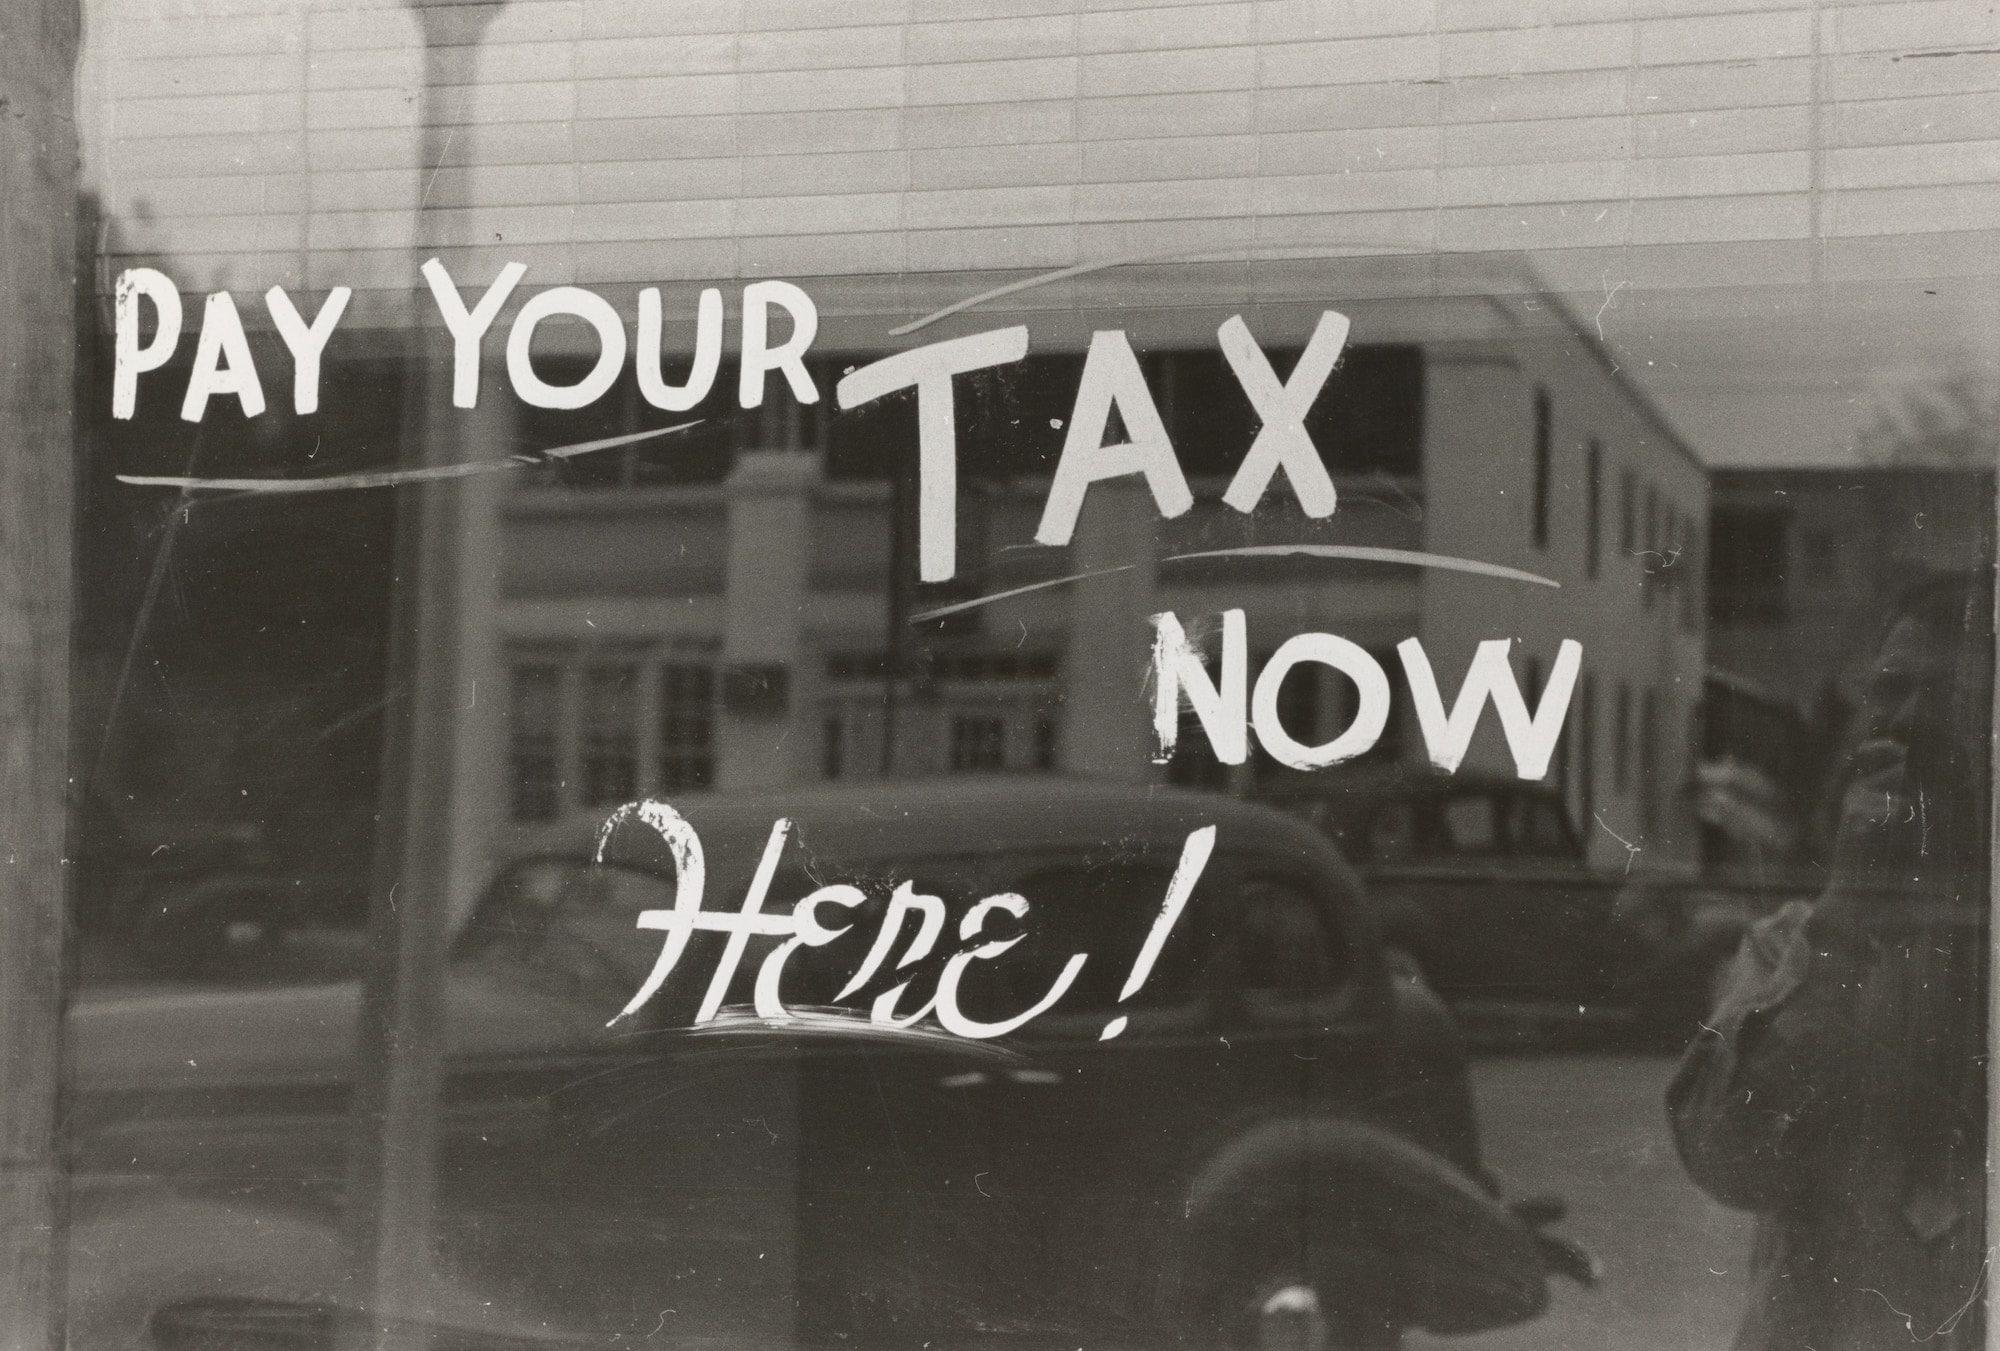 tax notice on window